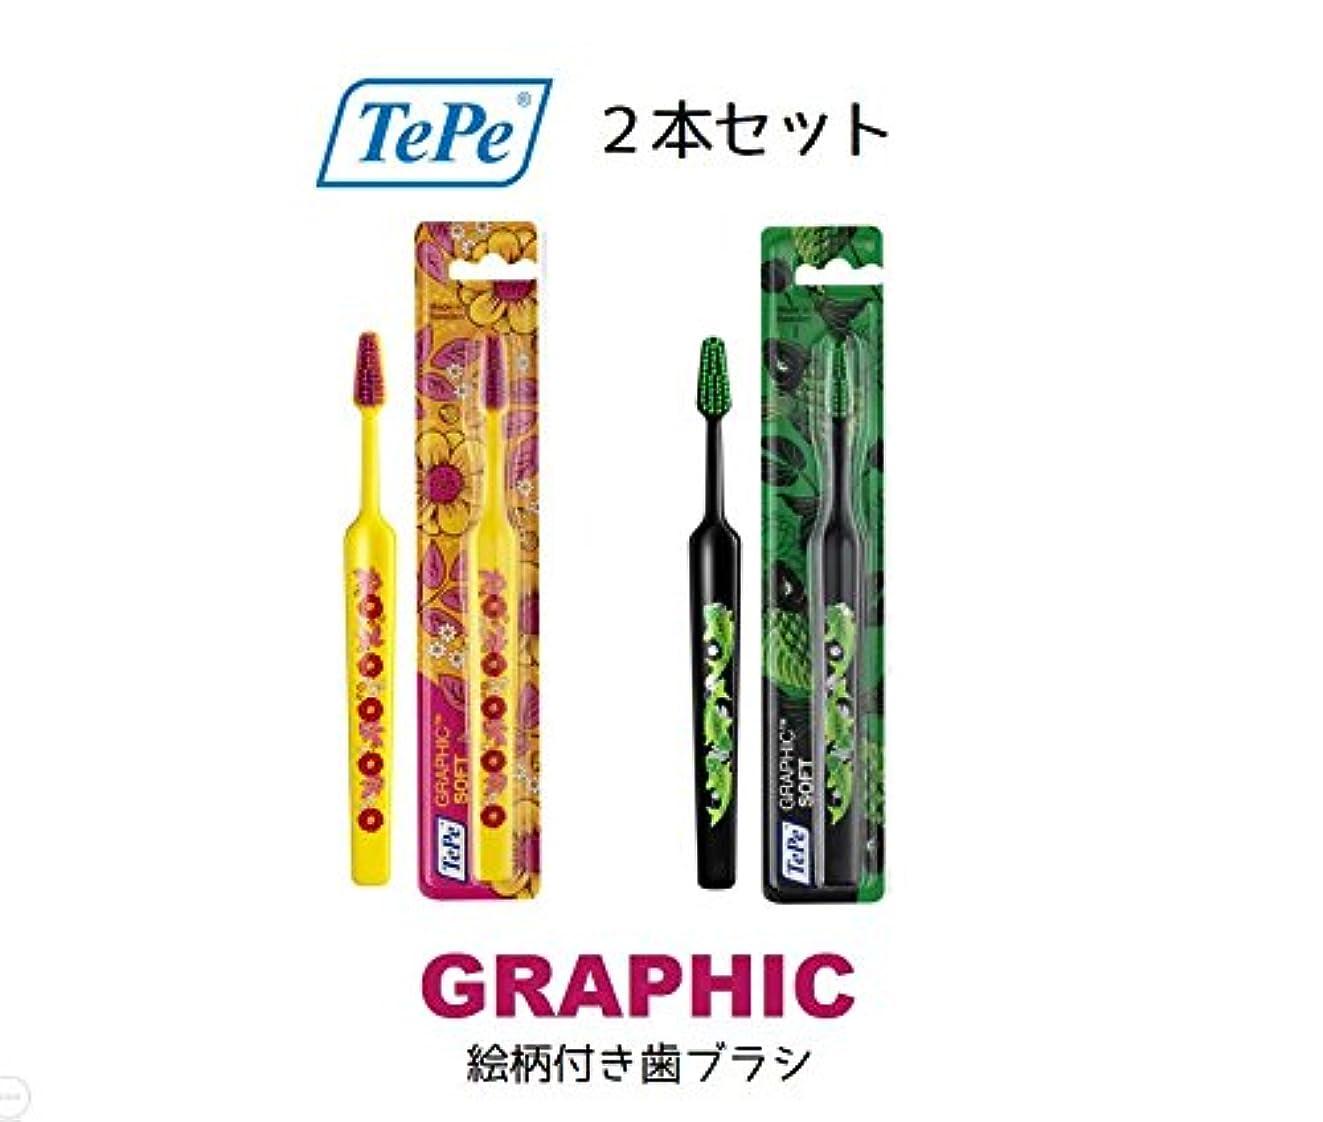 巨大な約類似性テペ グラフィック ソフト 2本セット TePe Graphic soft (ミックス)